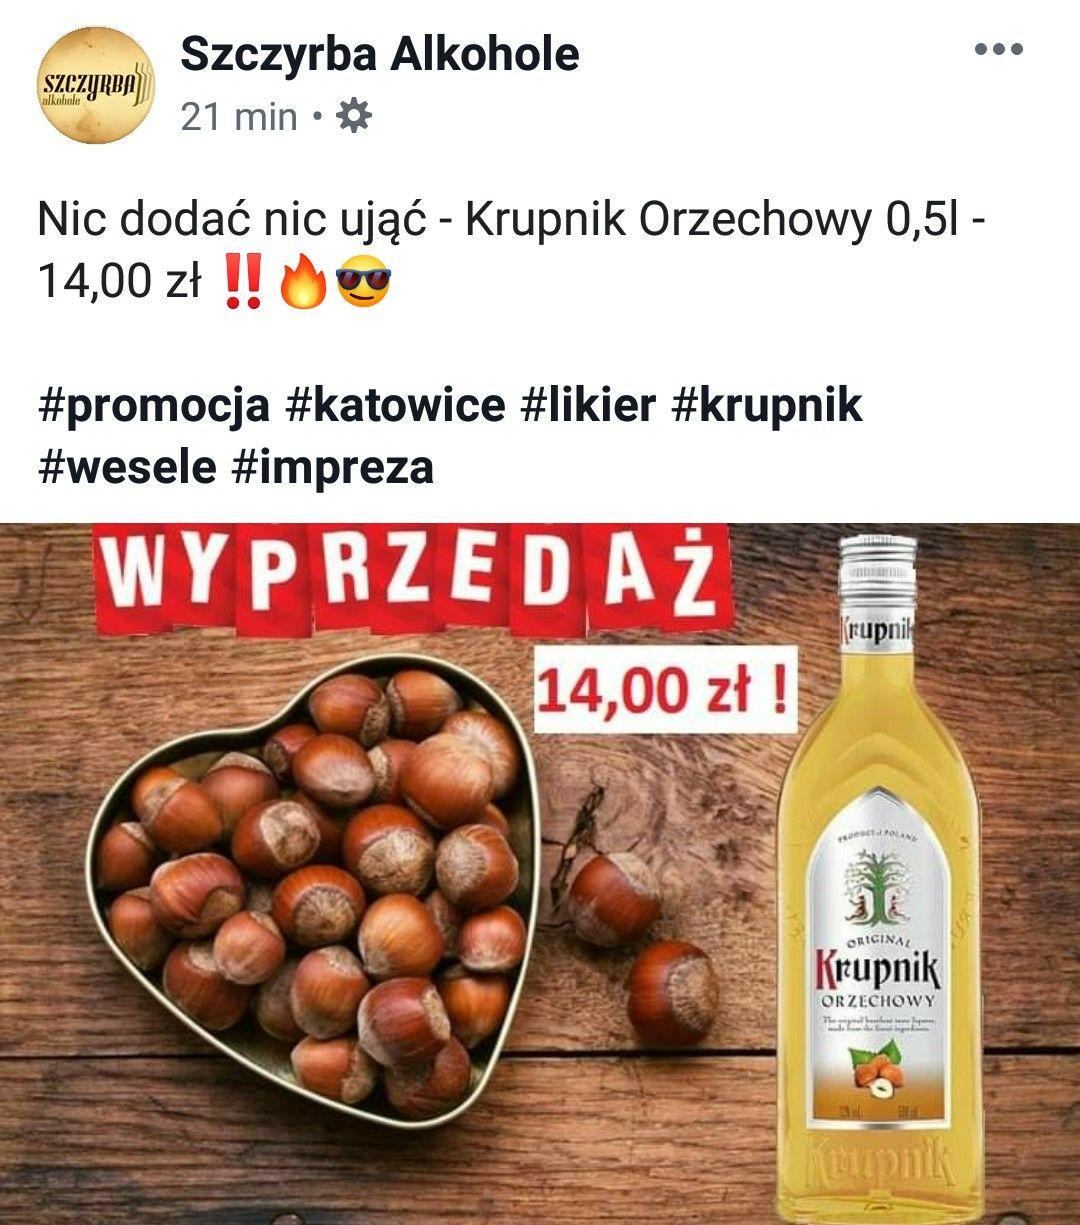 Krupnik orzechowy za 14zł @ Szczyrba Alkohole (Katowice)